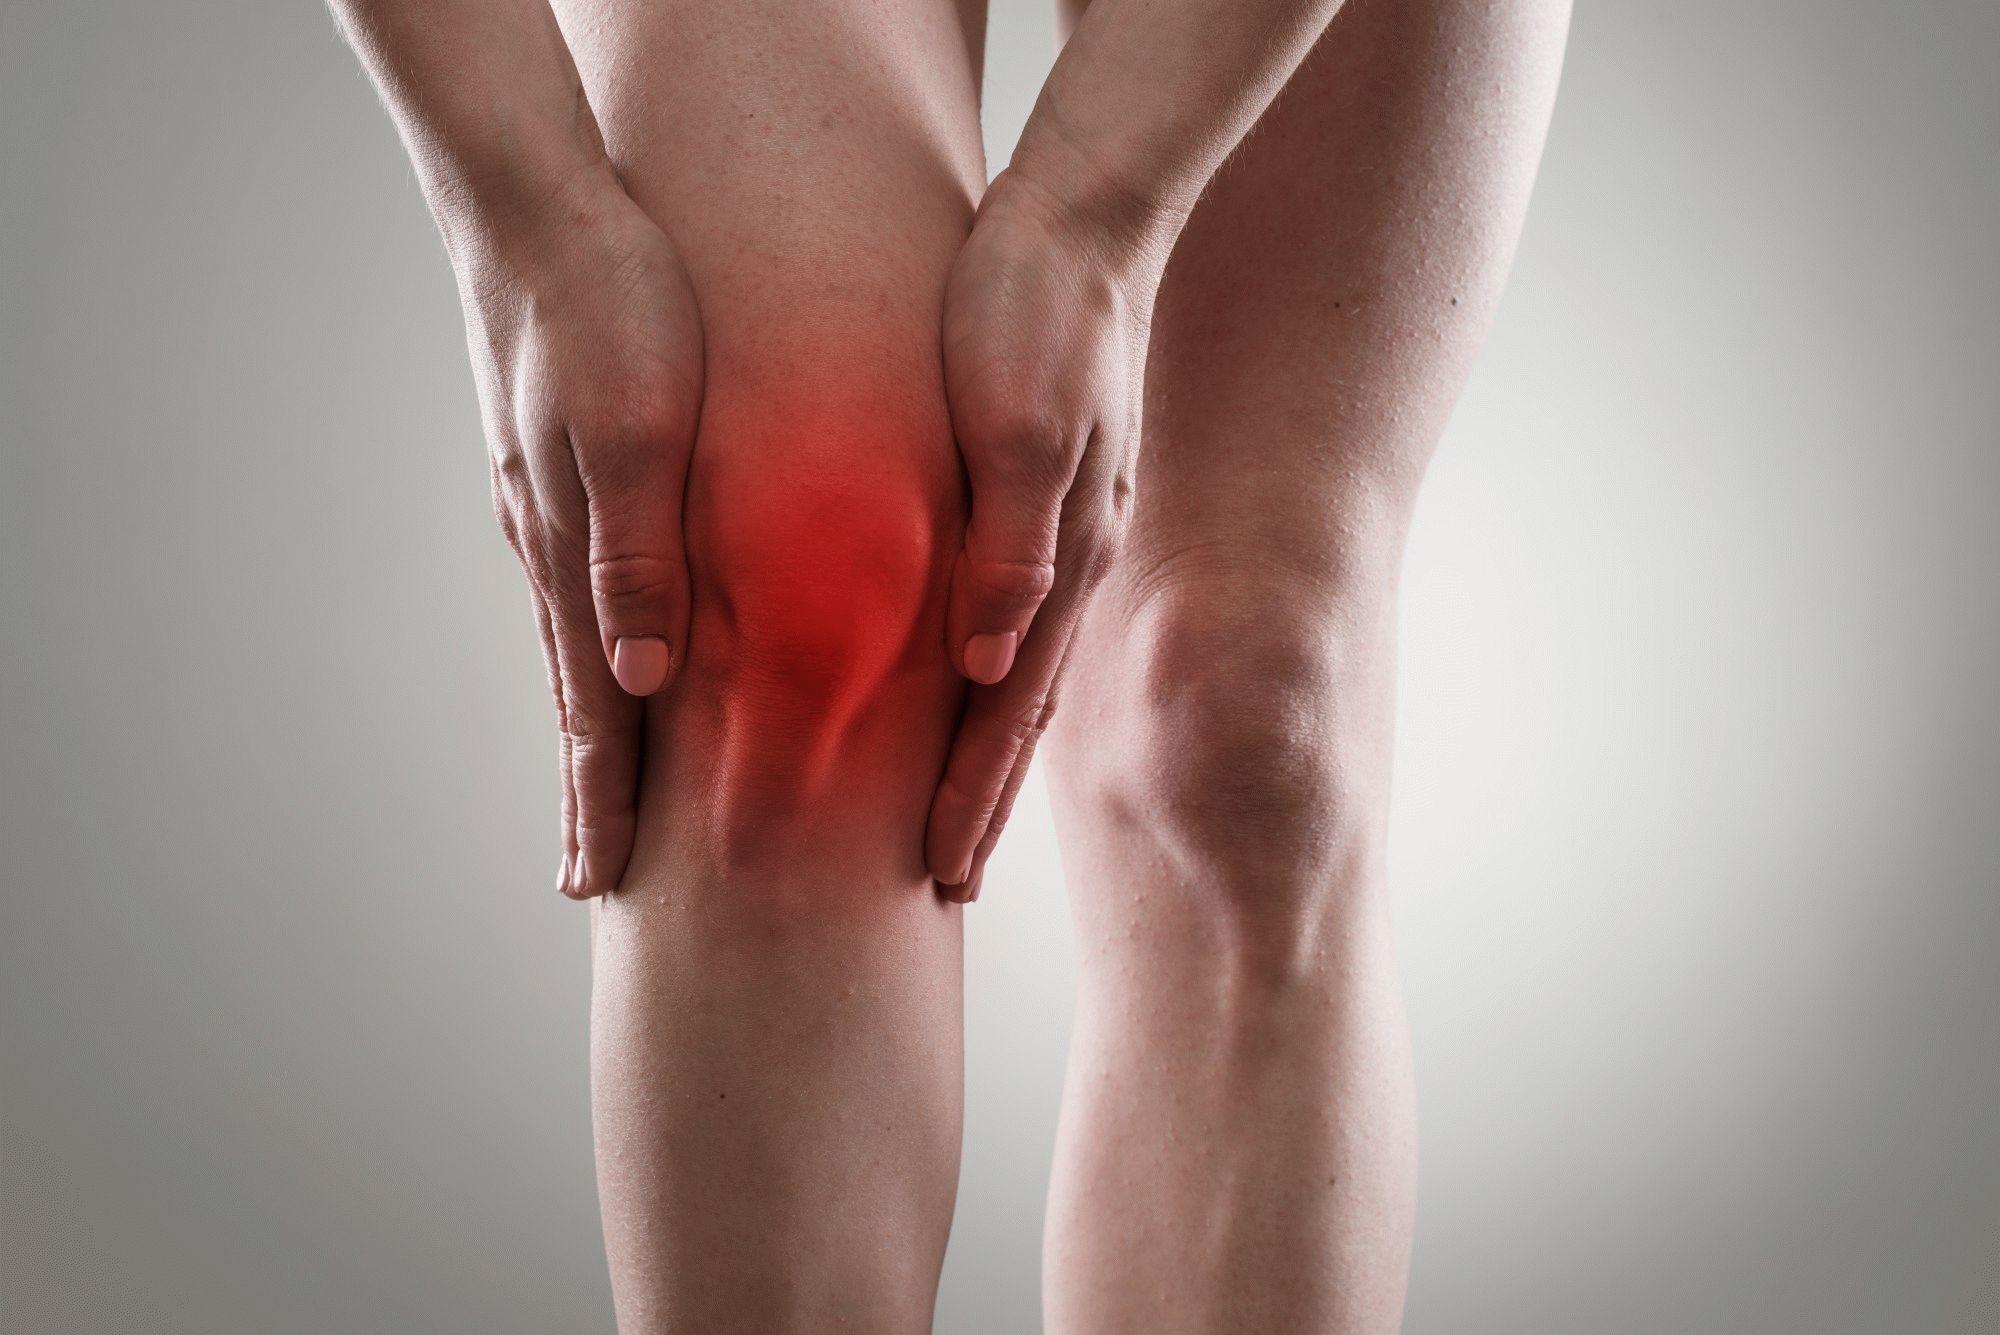 Причины и симптомы деформирующего остеоартроза коленного сустава